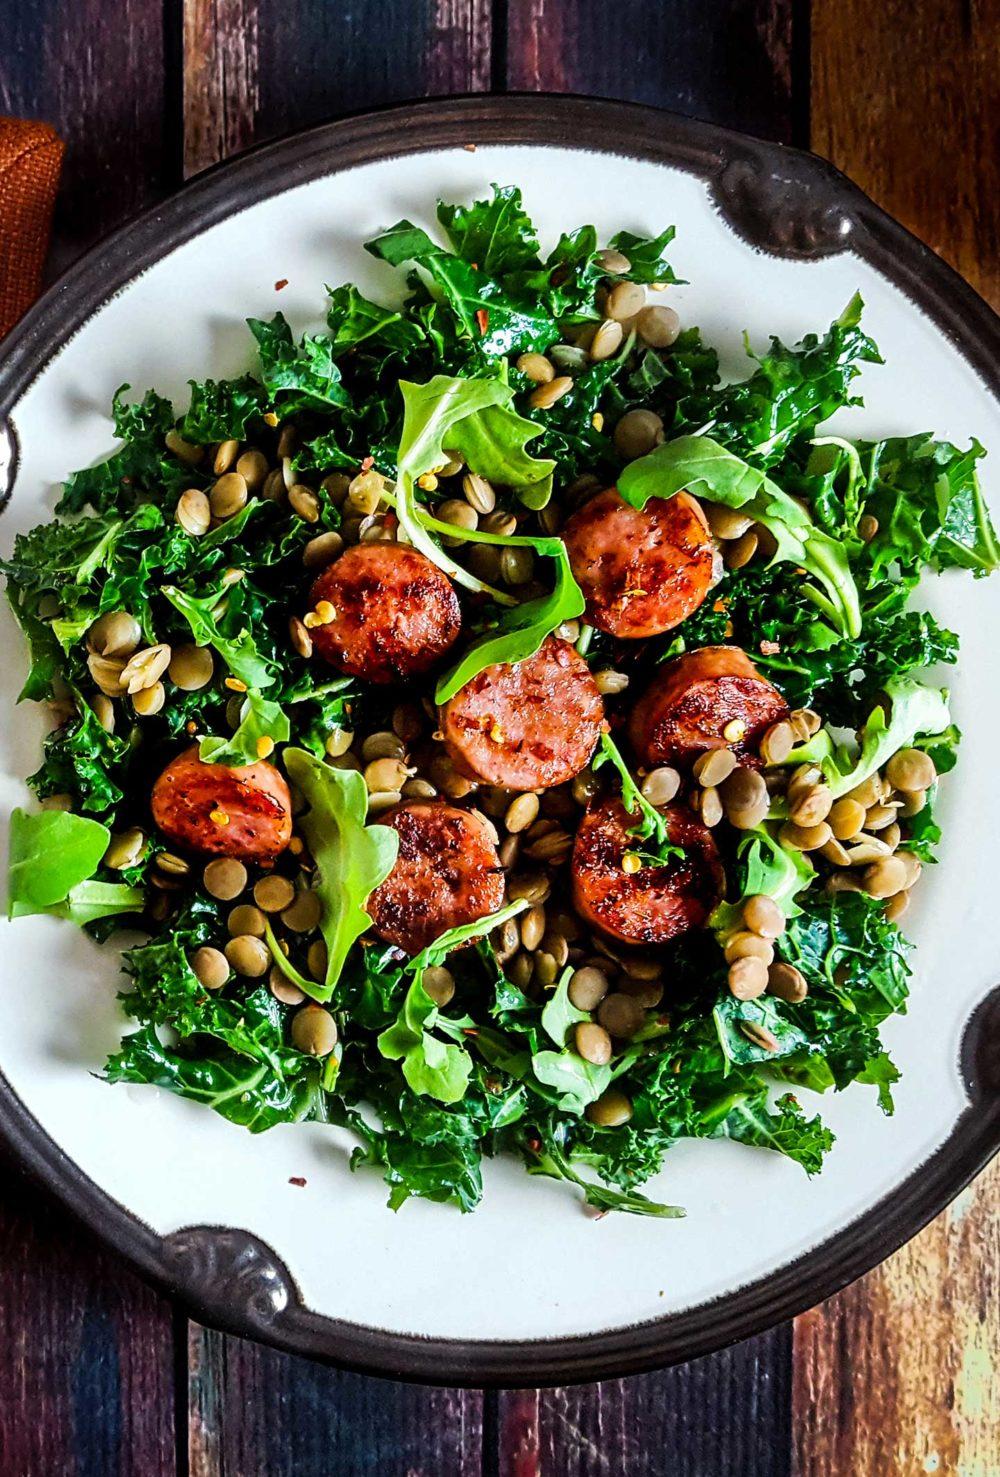 Sausage Lentil Kale Salad with Mustard Vinaigrette.